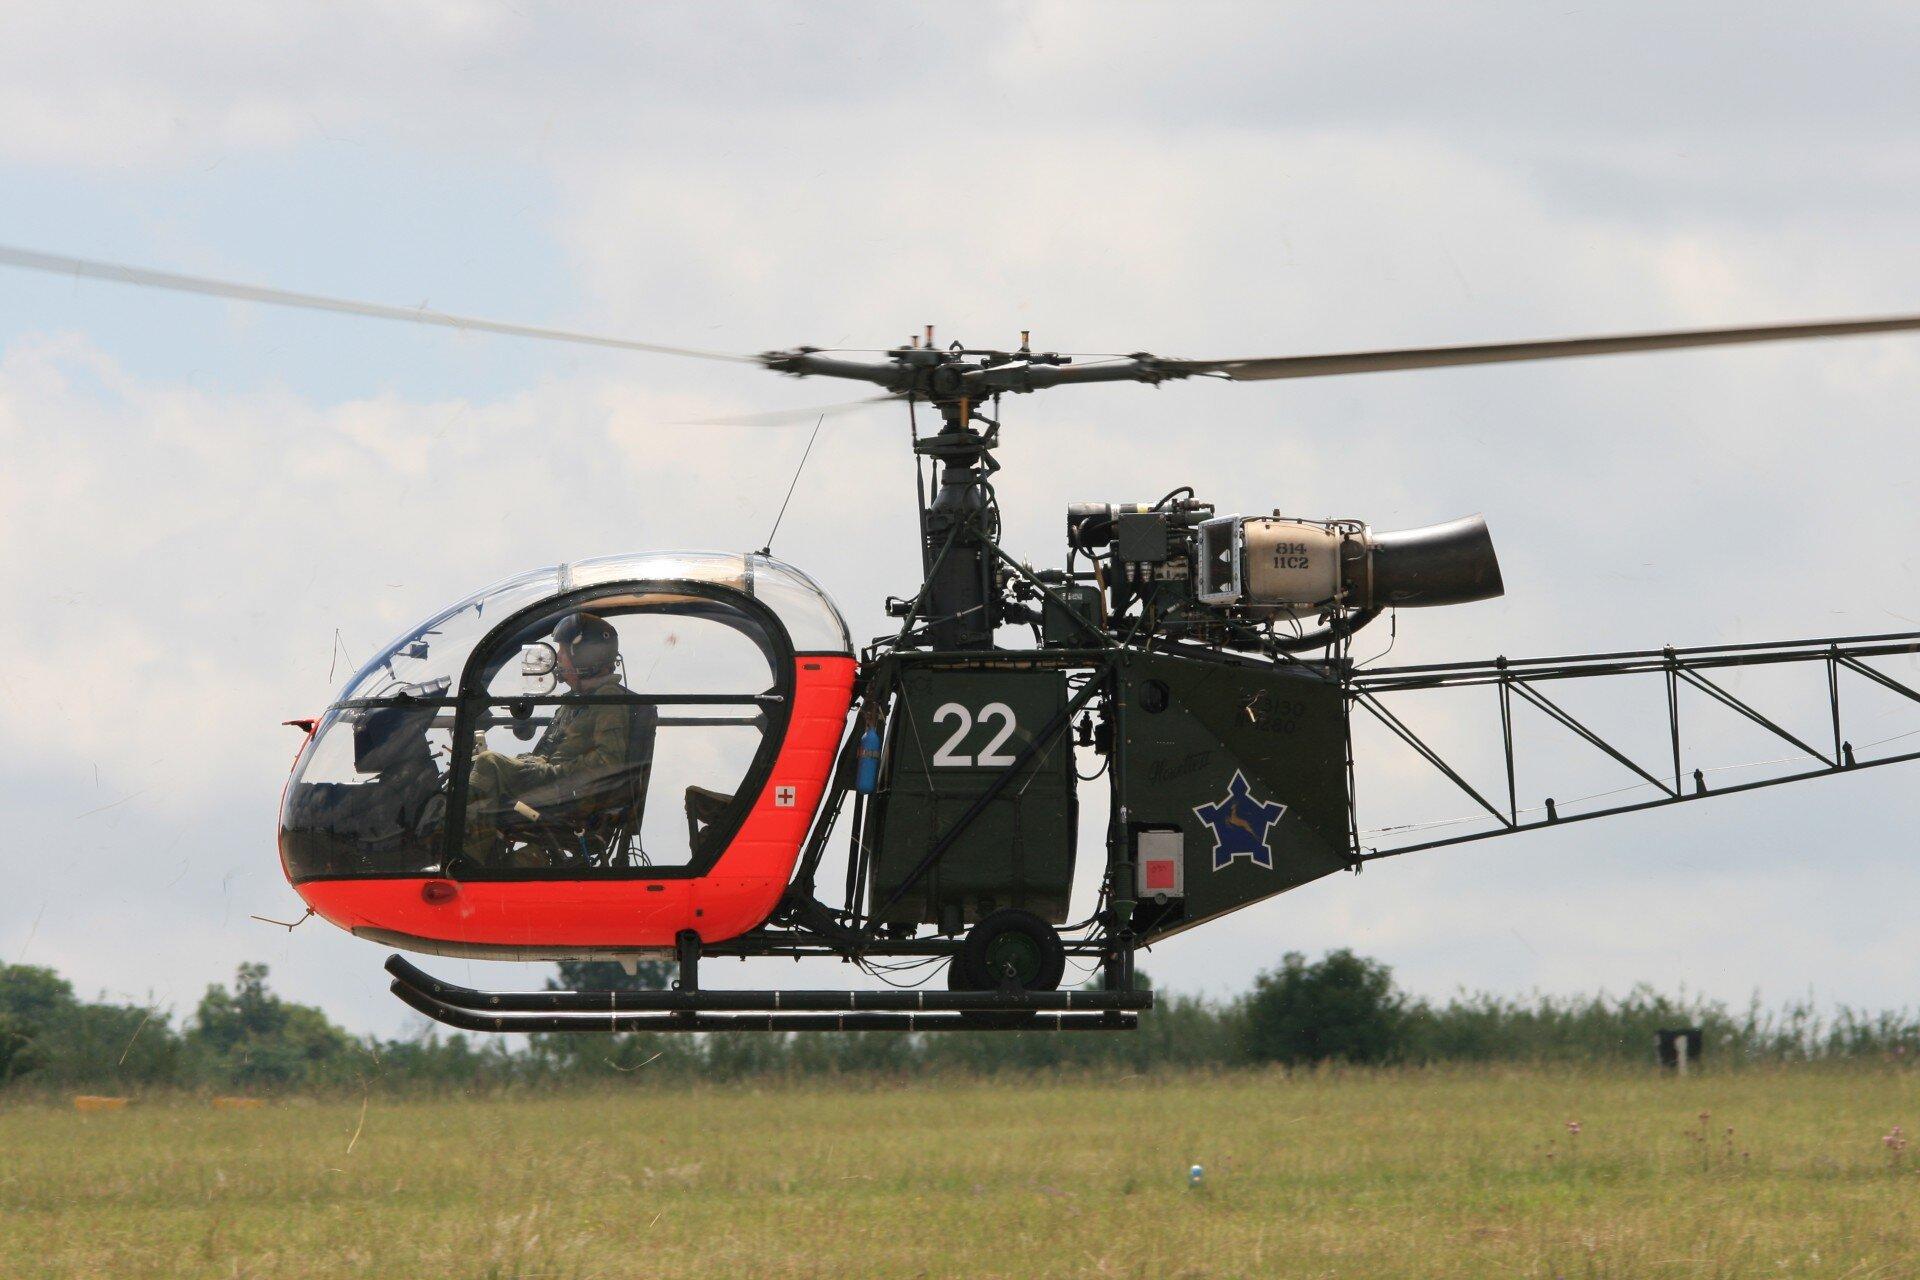 L Elicottero Posizione : Traffico di droga scoperto l elicottero schermato utilizzato